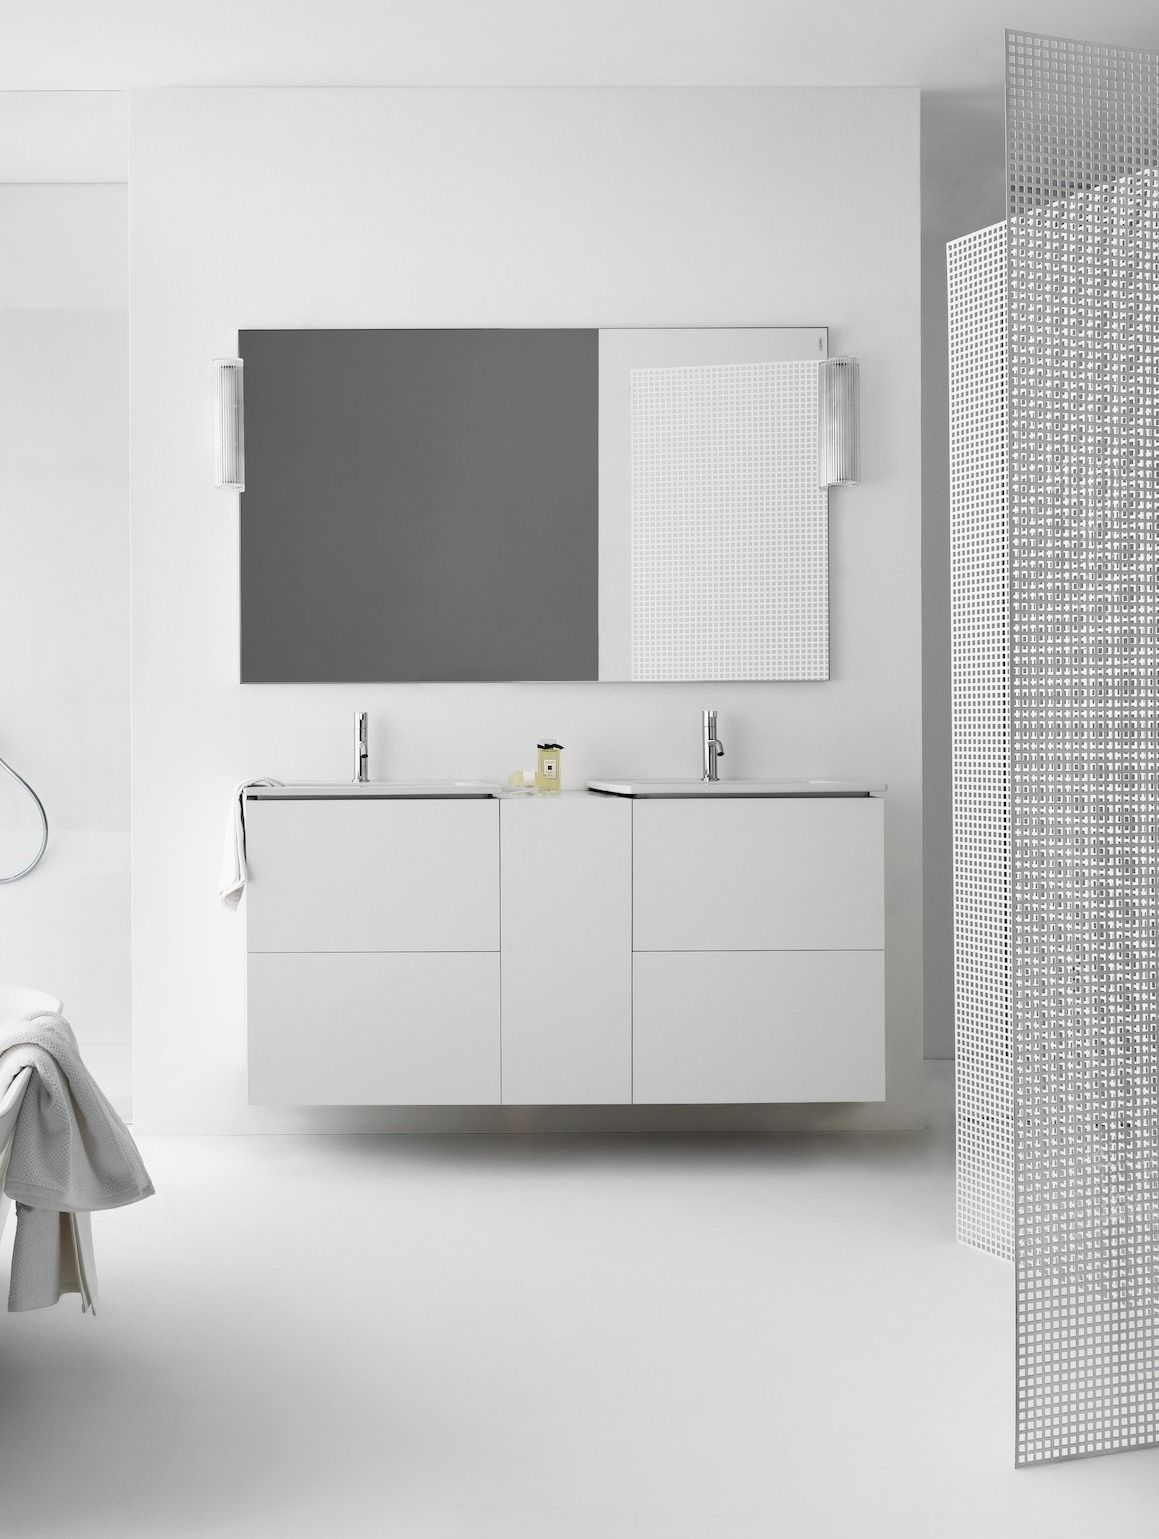 Laufen Kartell Kombipack Kombination Aus Waschtisch Und Waschtischunterbau Mit 2 Schubladen 600x500 Badezimmer Mobel Waschtisch Schubladen